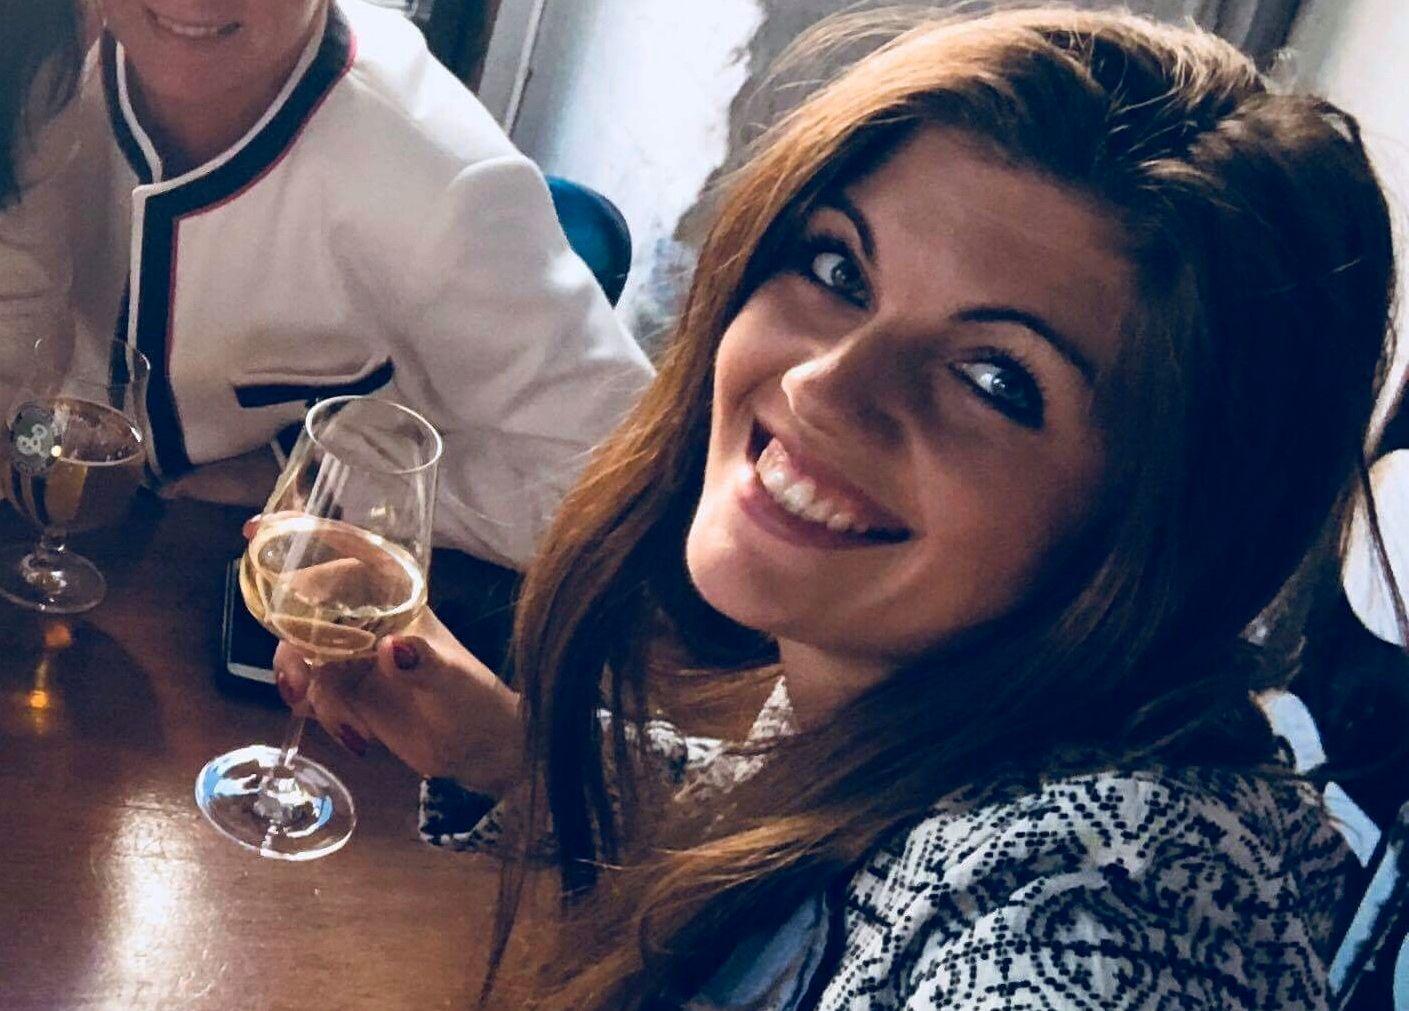 KNIVSTUKKET: Veronica Kocabvoka døde etter å ha blitt knivstukket i sommer. Hun ble begravet på sin egen bursdag.